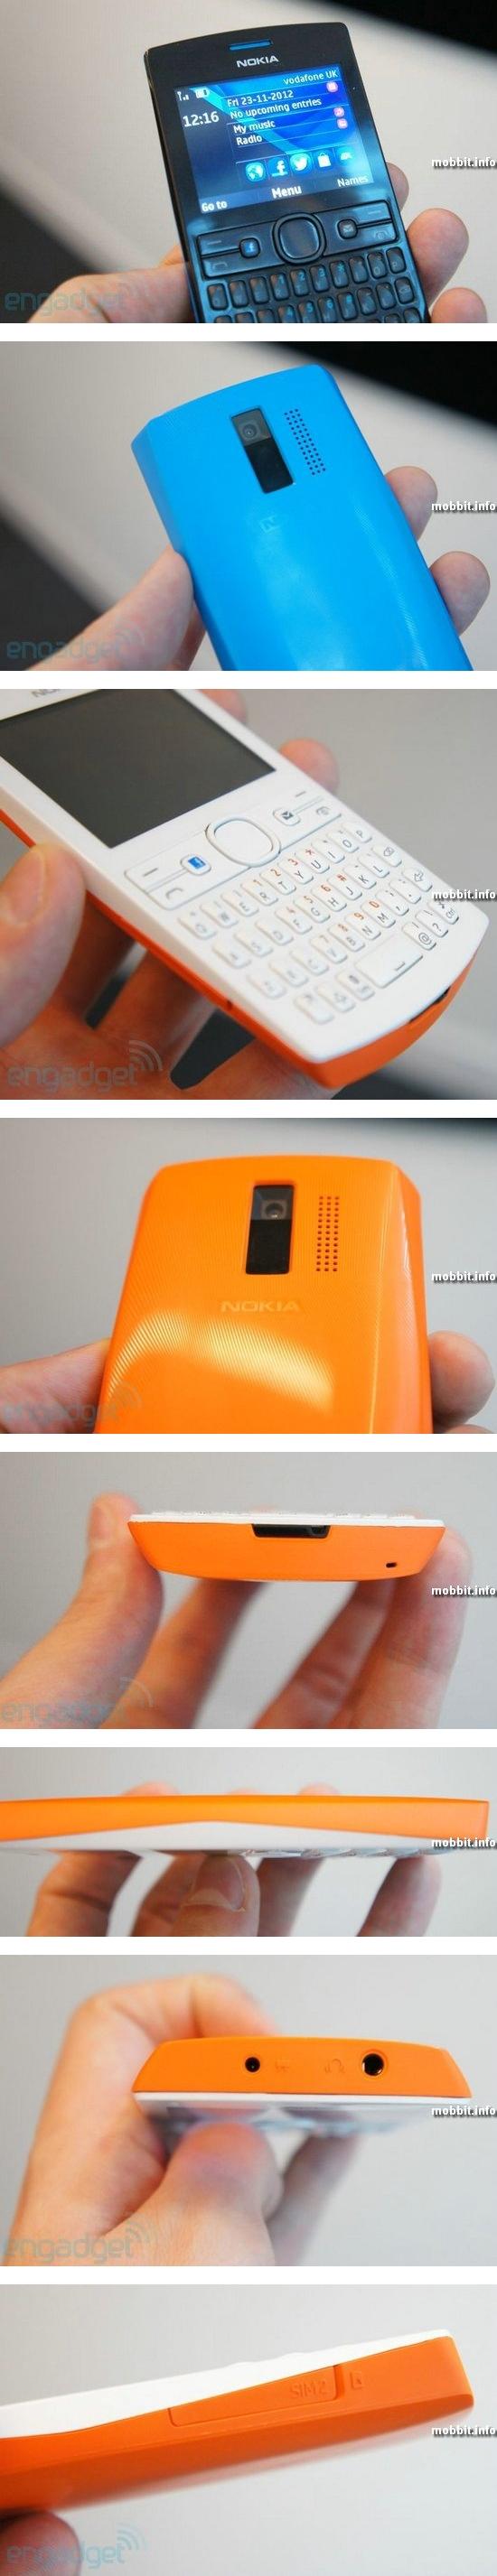 MOBBIT Your Mobility Nokia Asha 205 Nokia 206